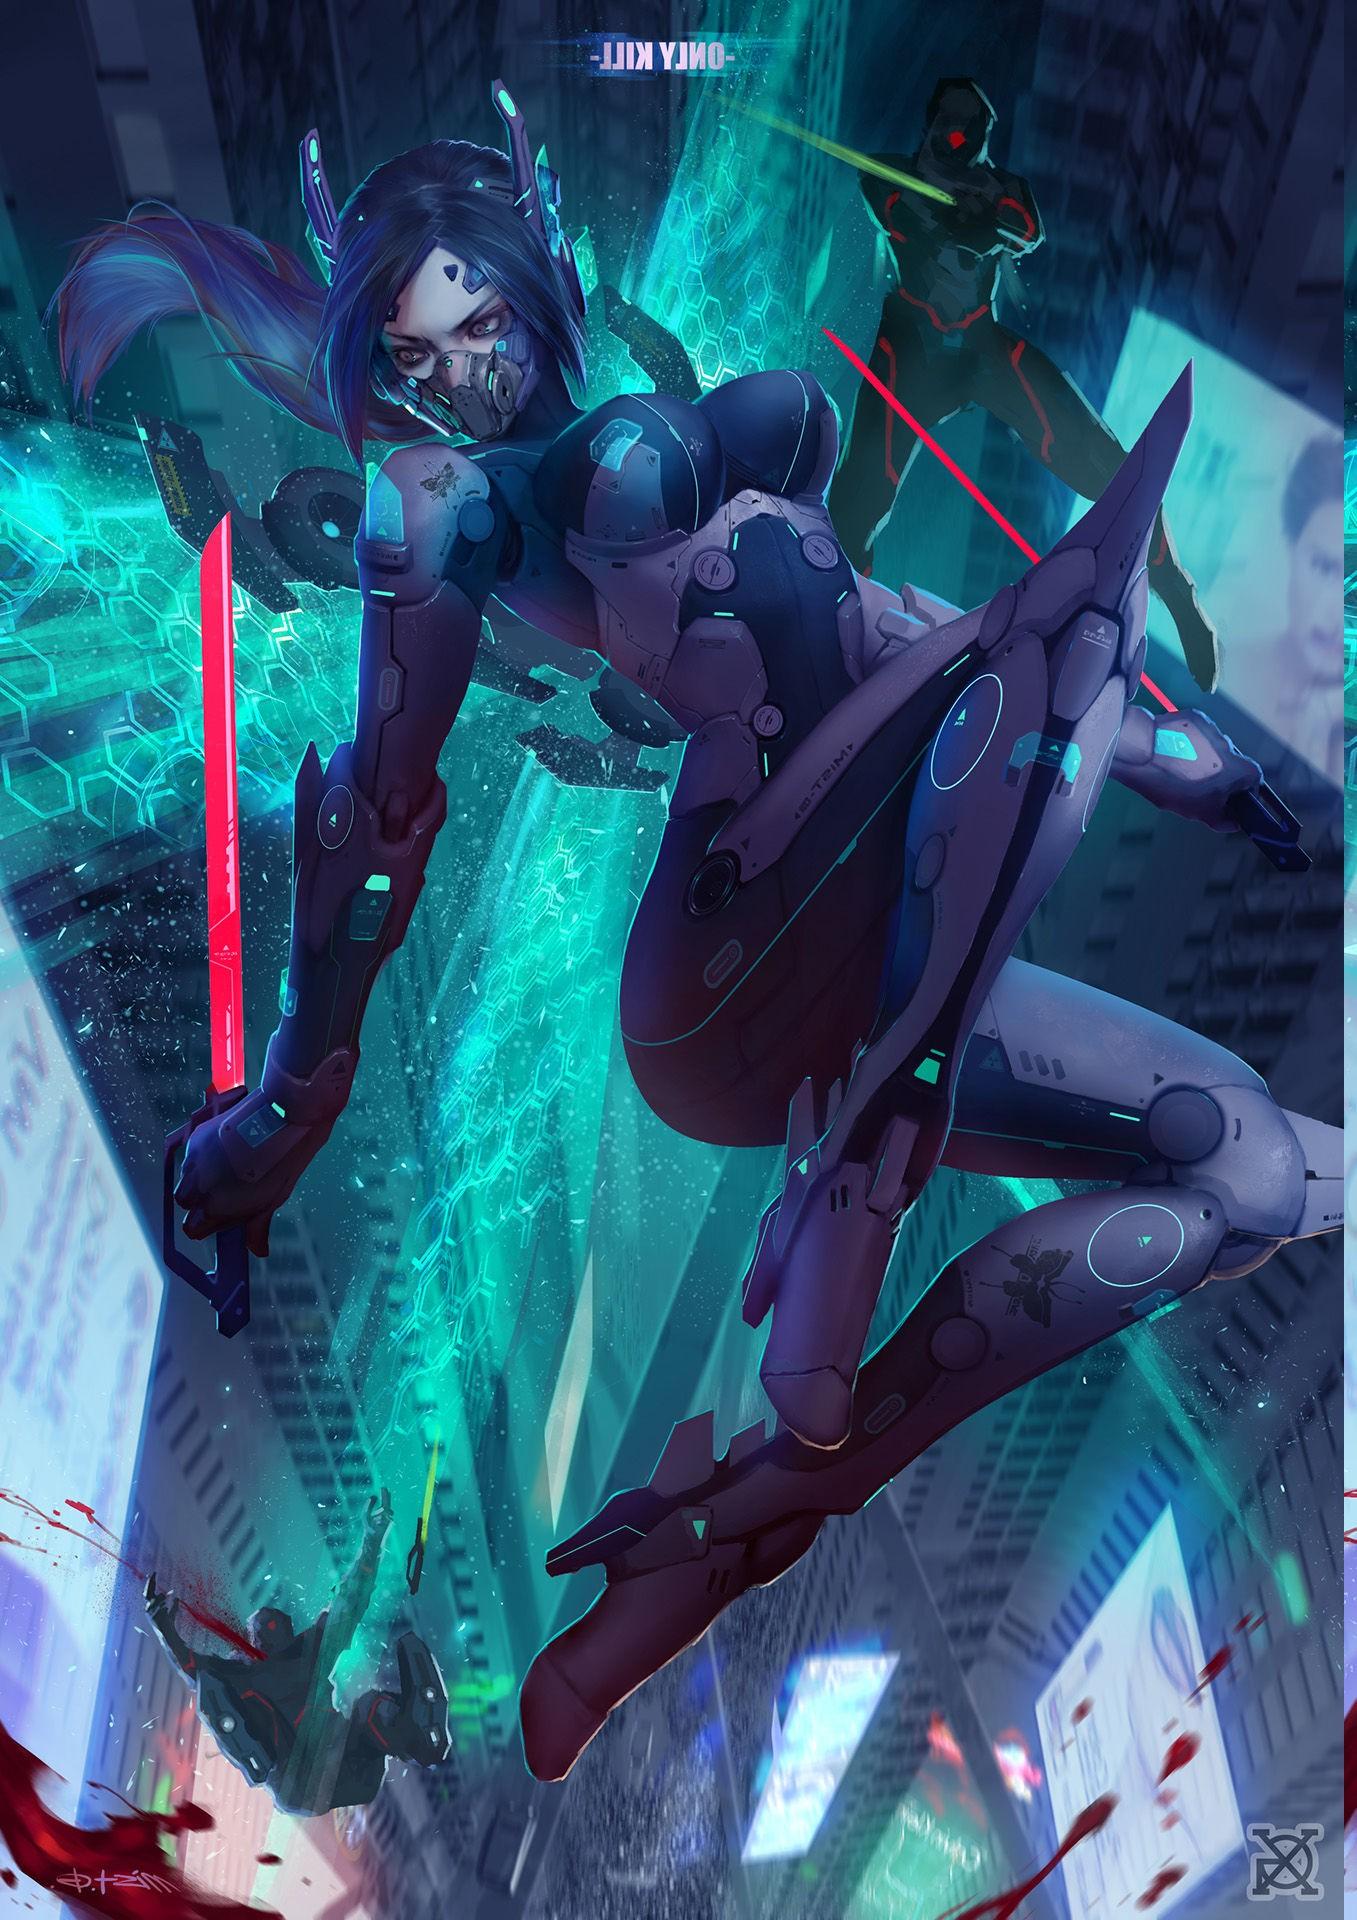 Cyberpunk Anime Girls Blood Underwater Warrior Scuba Diving Screenshot Computer Wallpaper Fictional Character Marine Biology Underwater